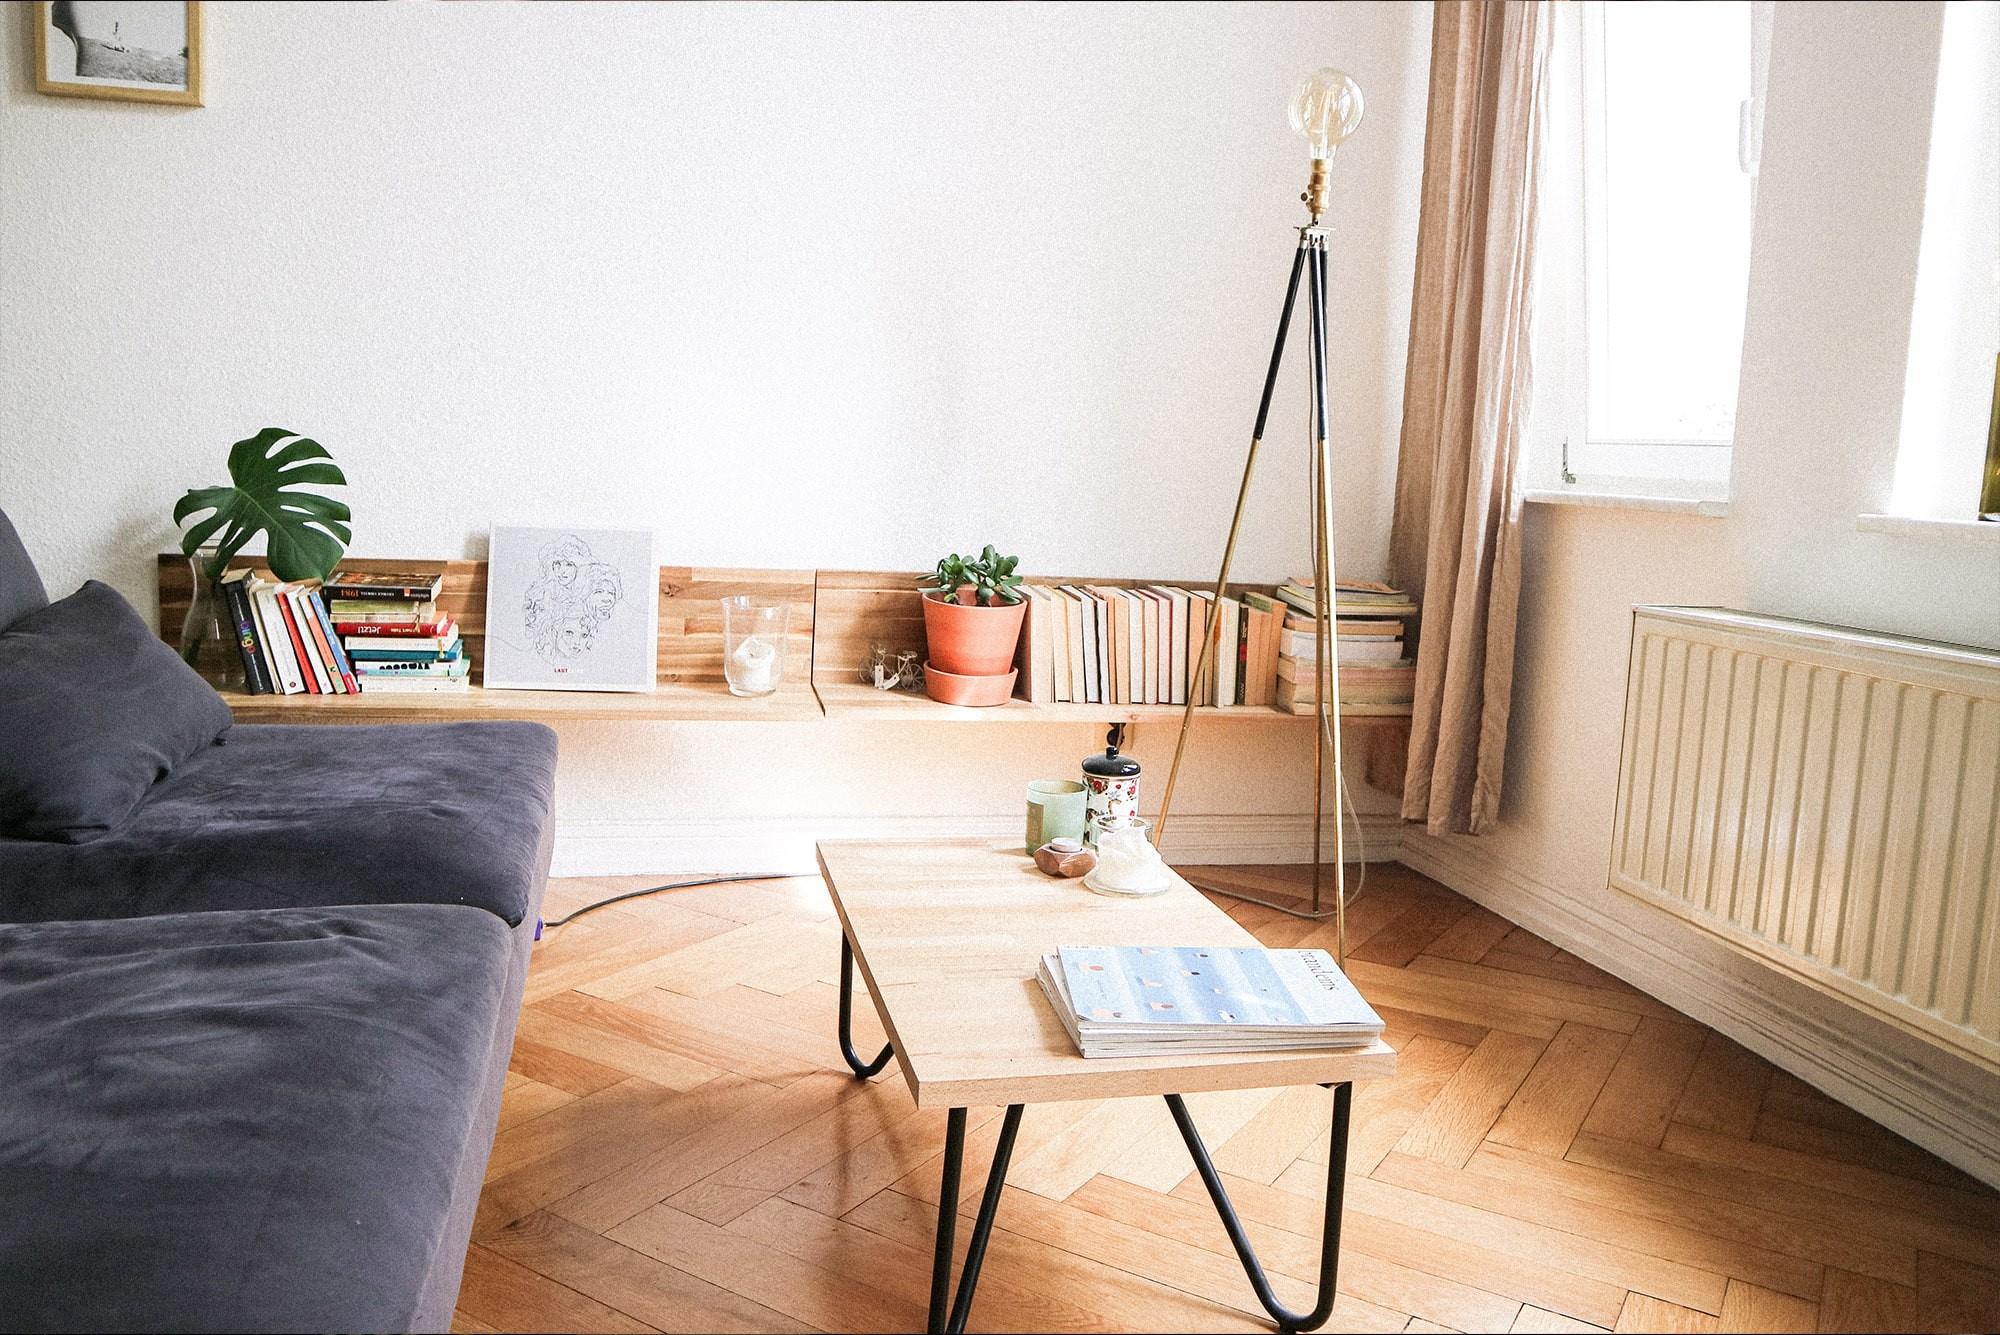 Décoration en bois – Comment apporter du bois dans votre décoration intérieure